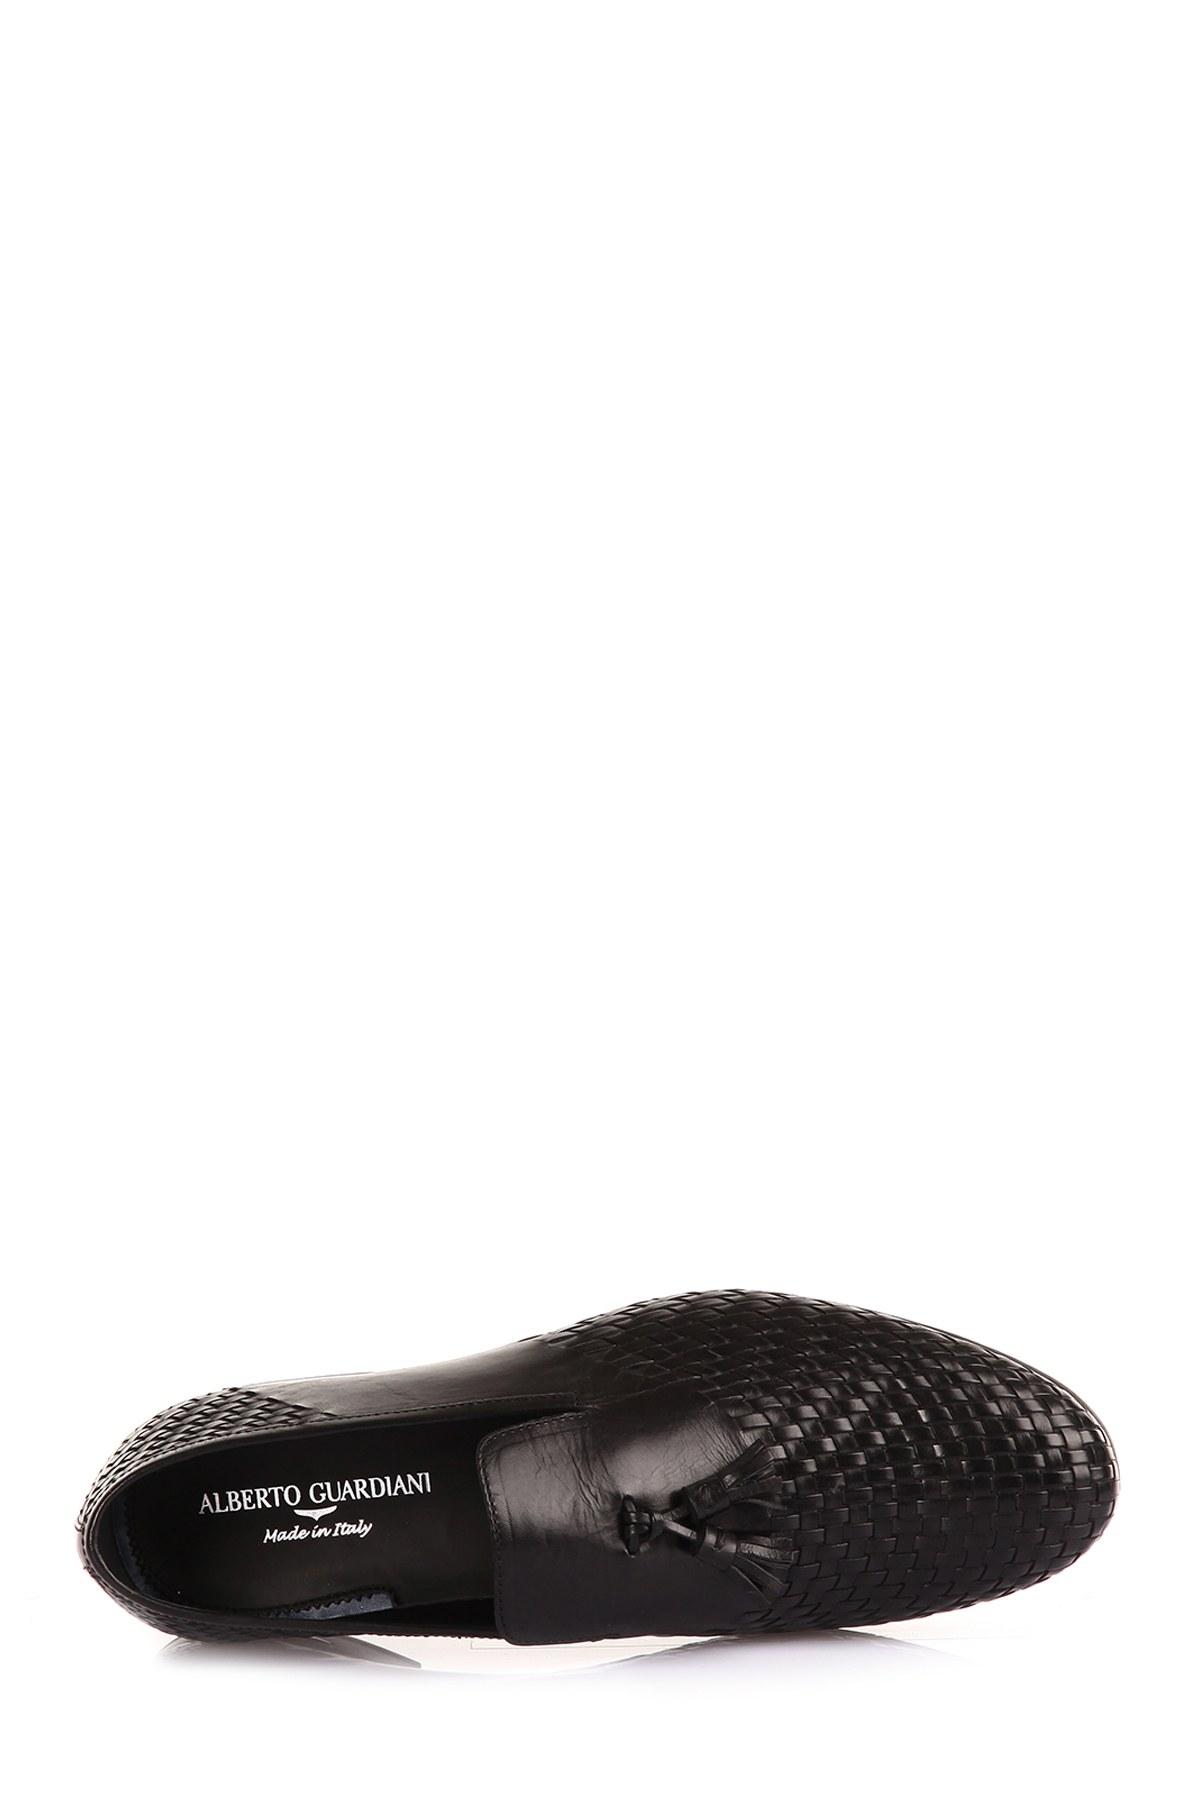 ALBERTO GUARDIANI Erkek Ayakkabı GU74022I